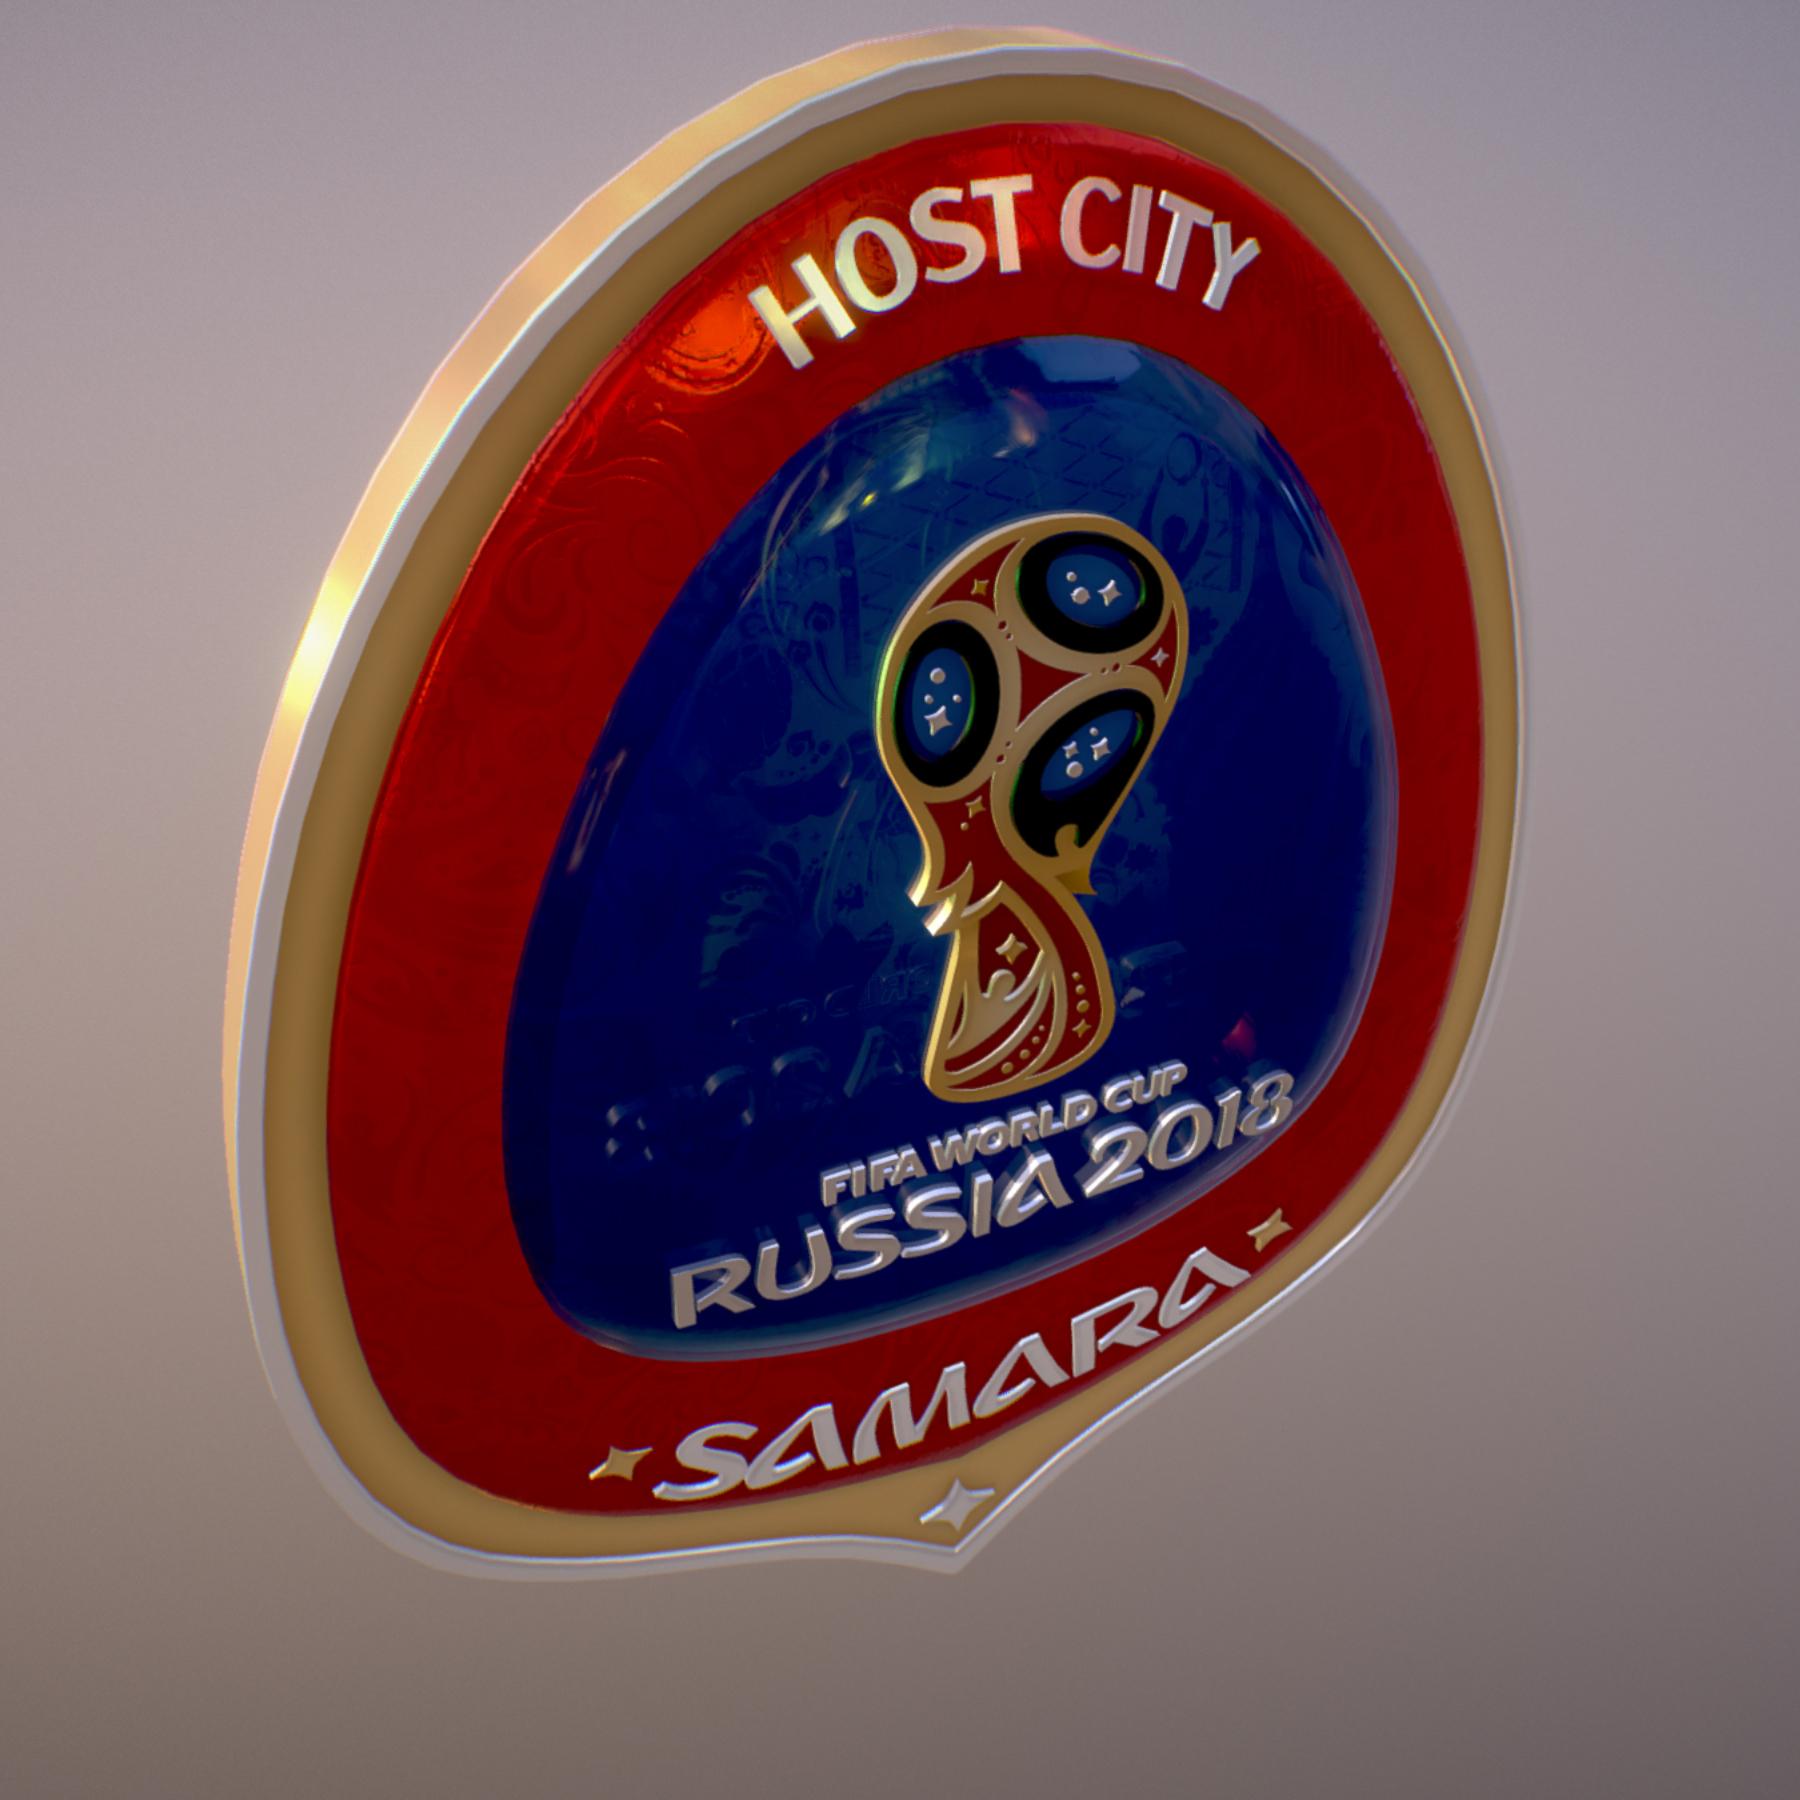 samara host city world cup russia 2018 symbol 3d model max  fbx jpeg jpg ma mb obj 271822